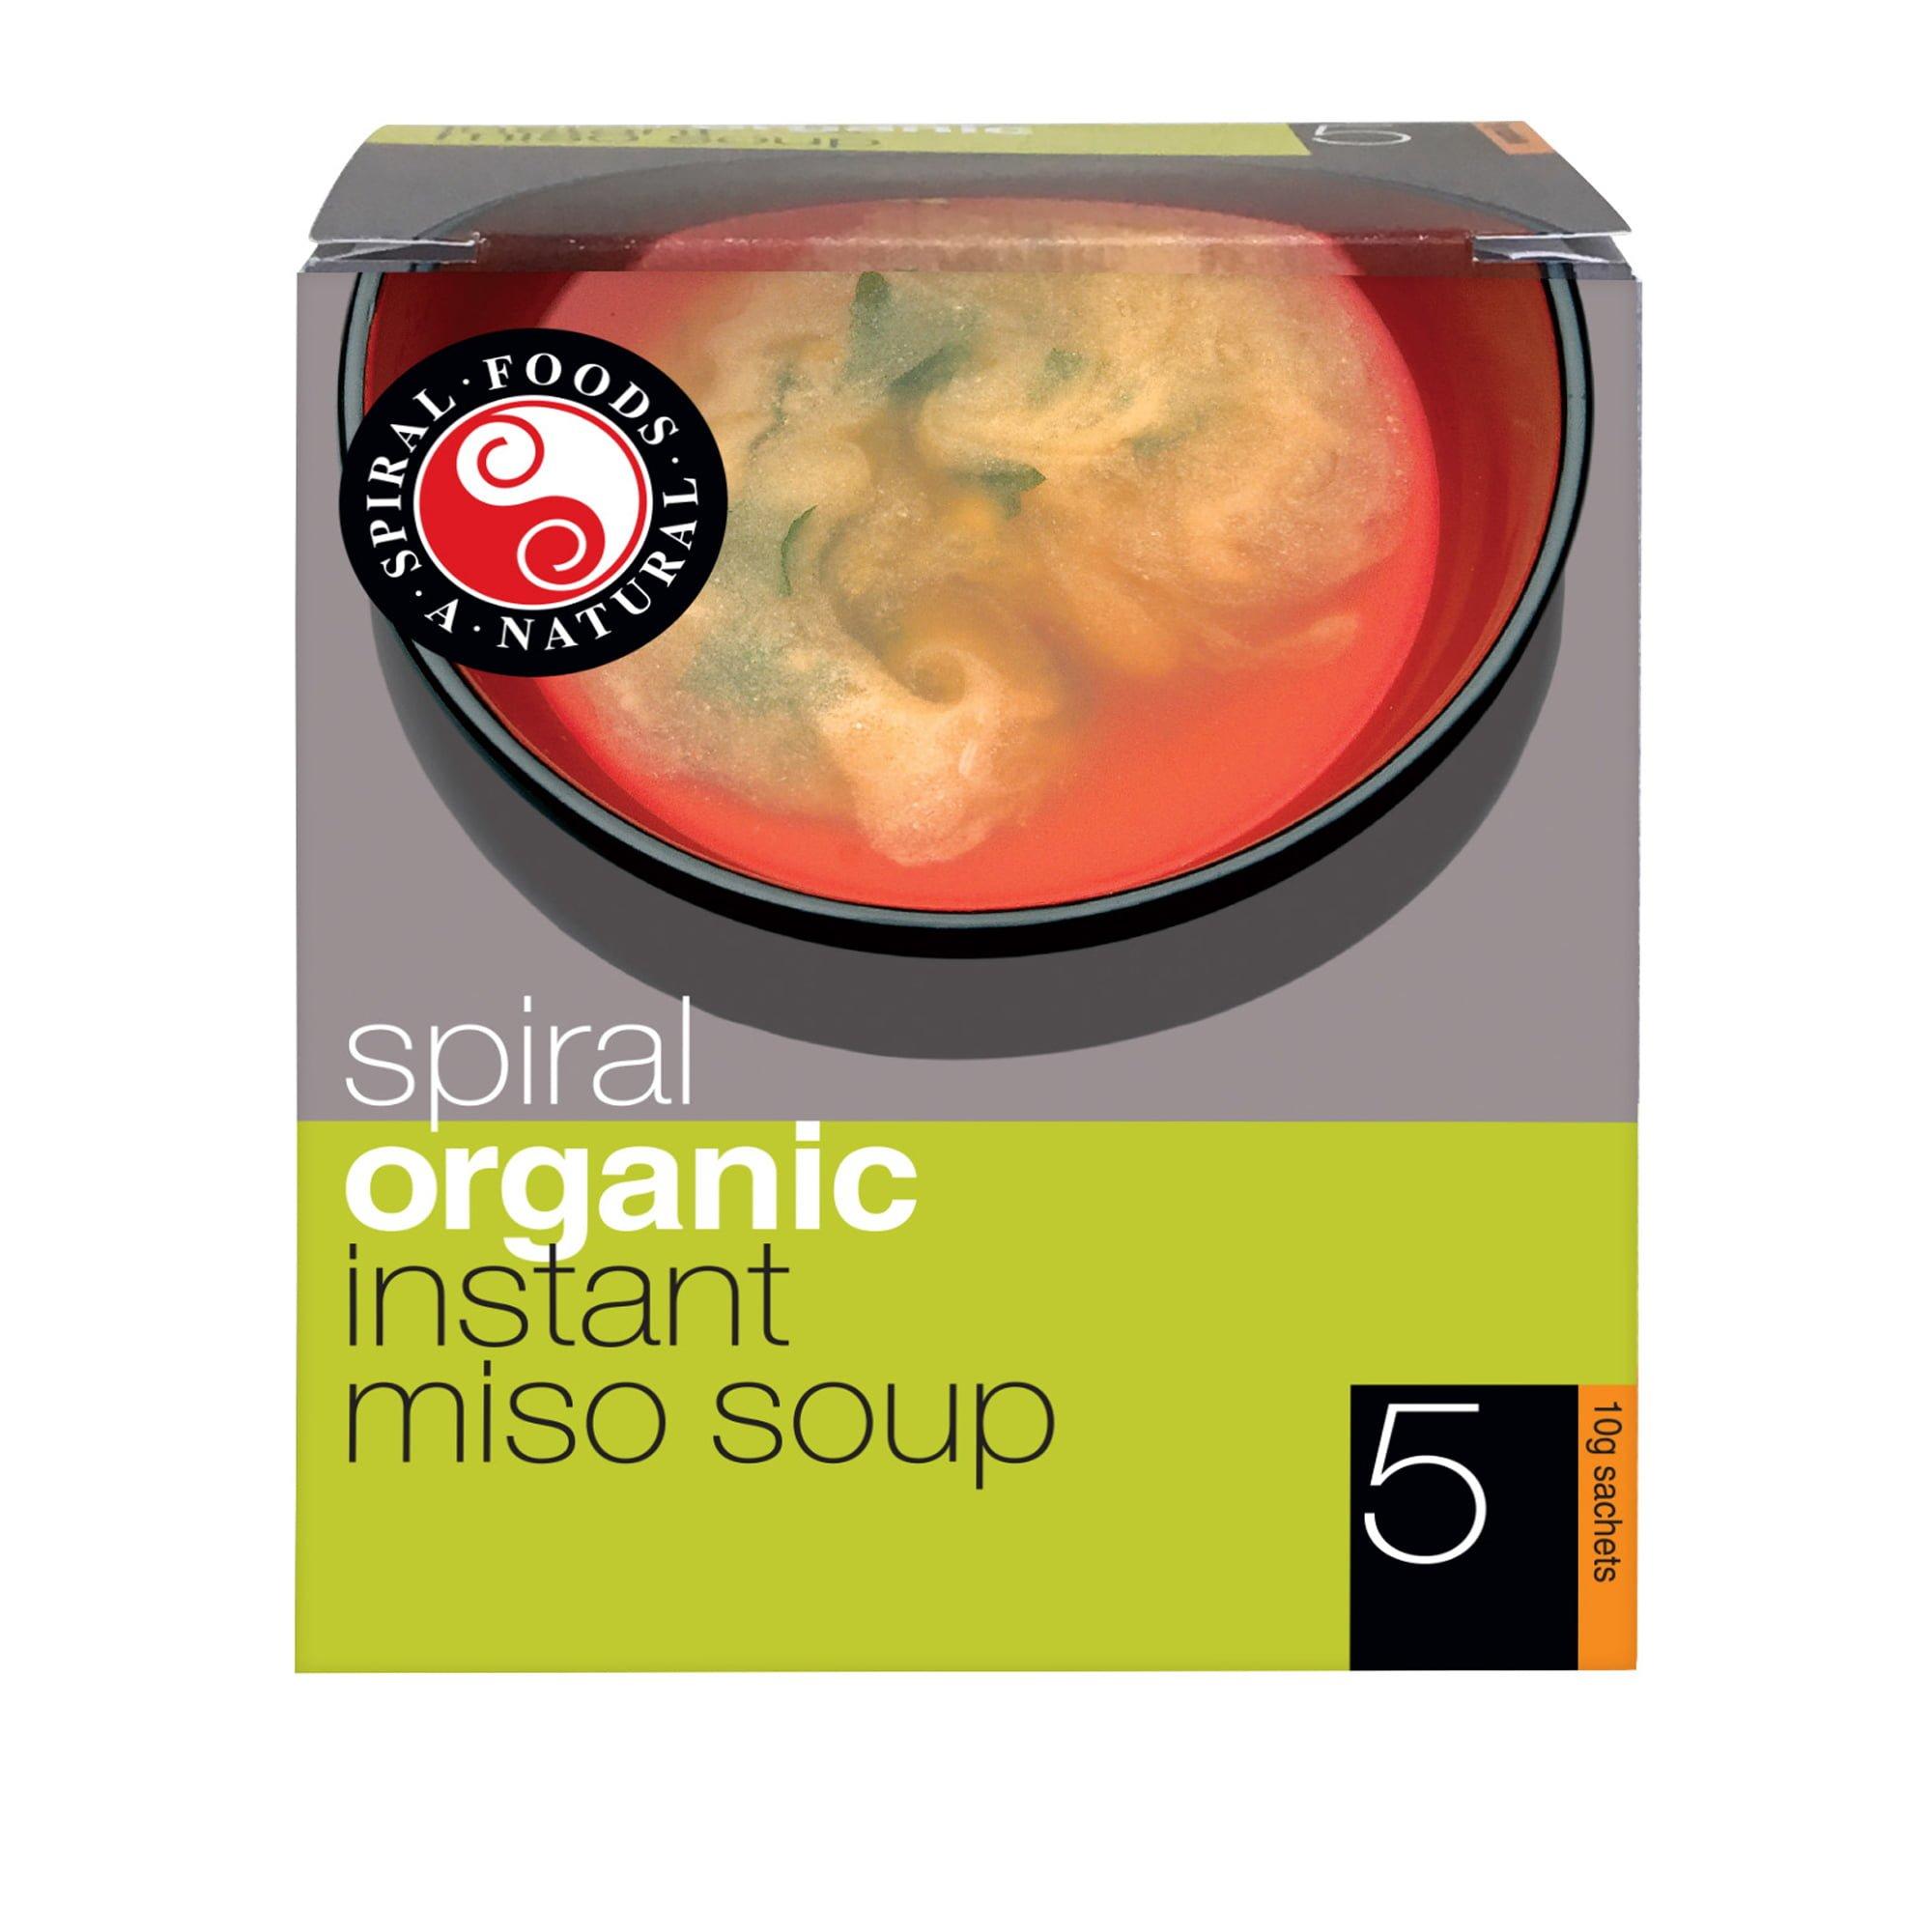 Spiral_Miso_InstantOrg_1